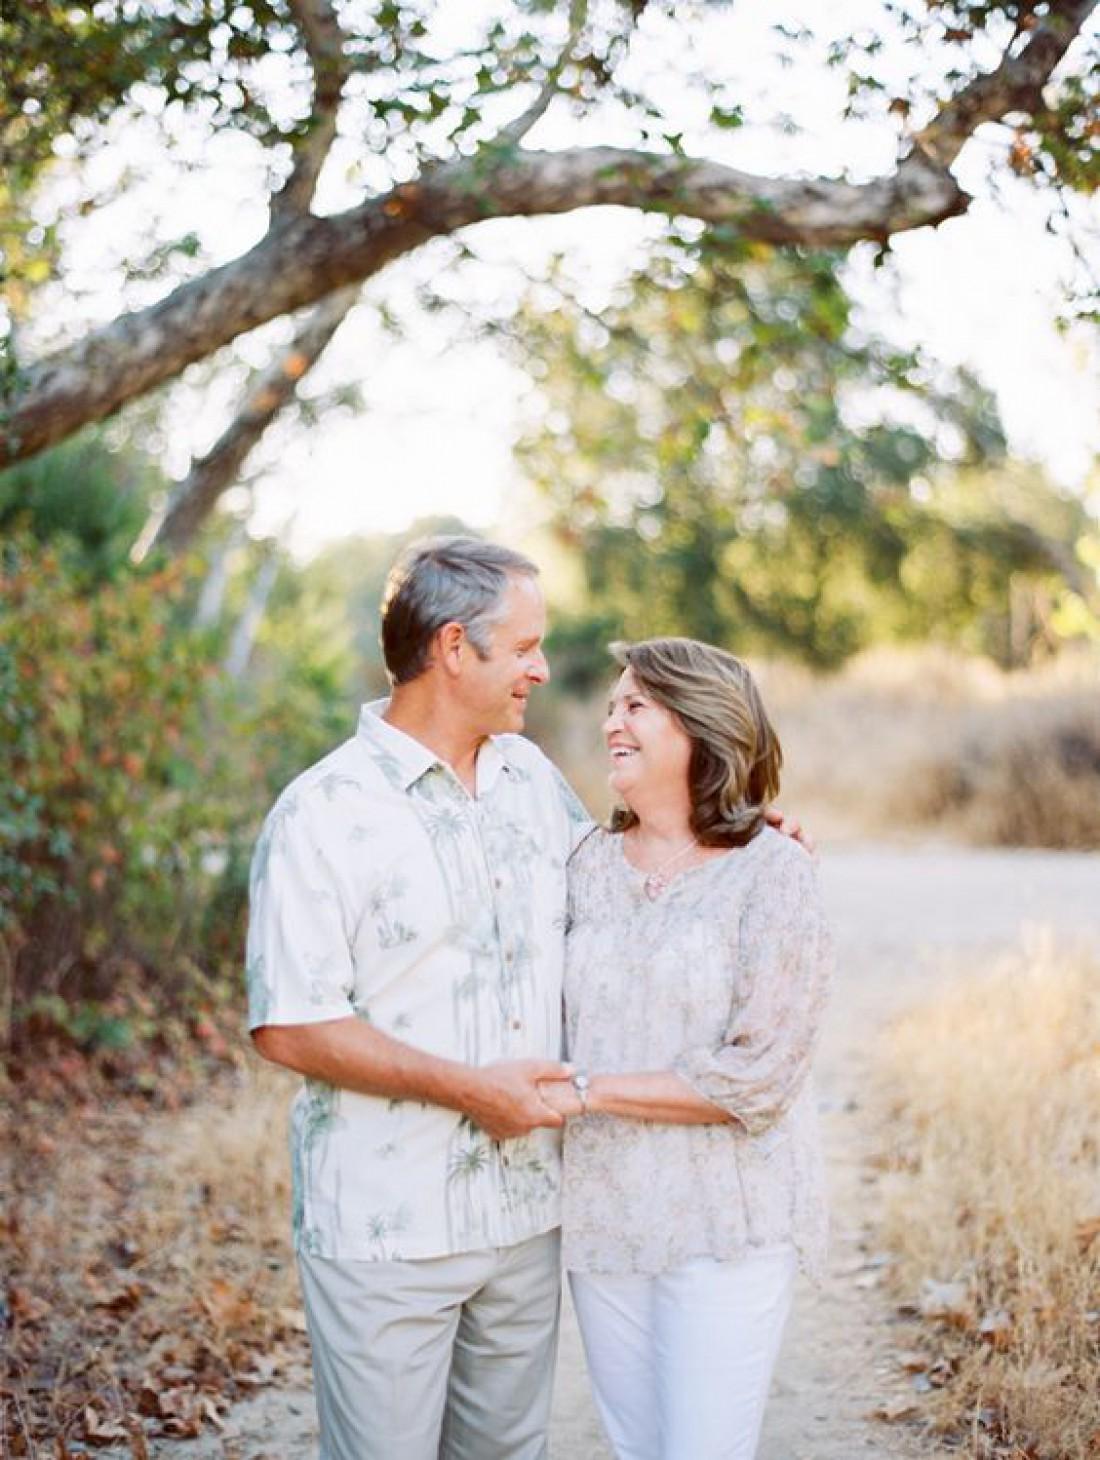 ТОП-5 годовщин свадьбы, которые нельзя отмечать